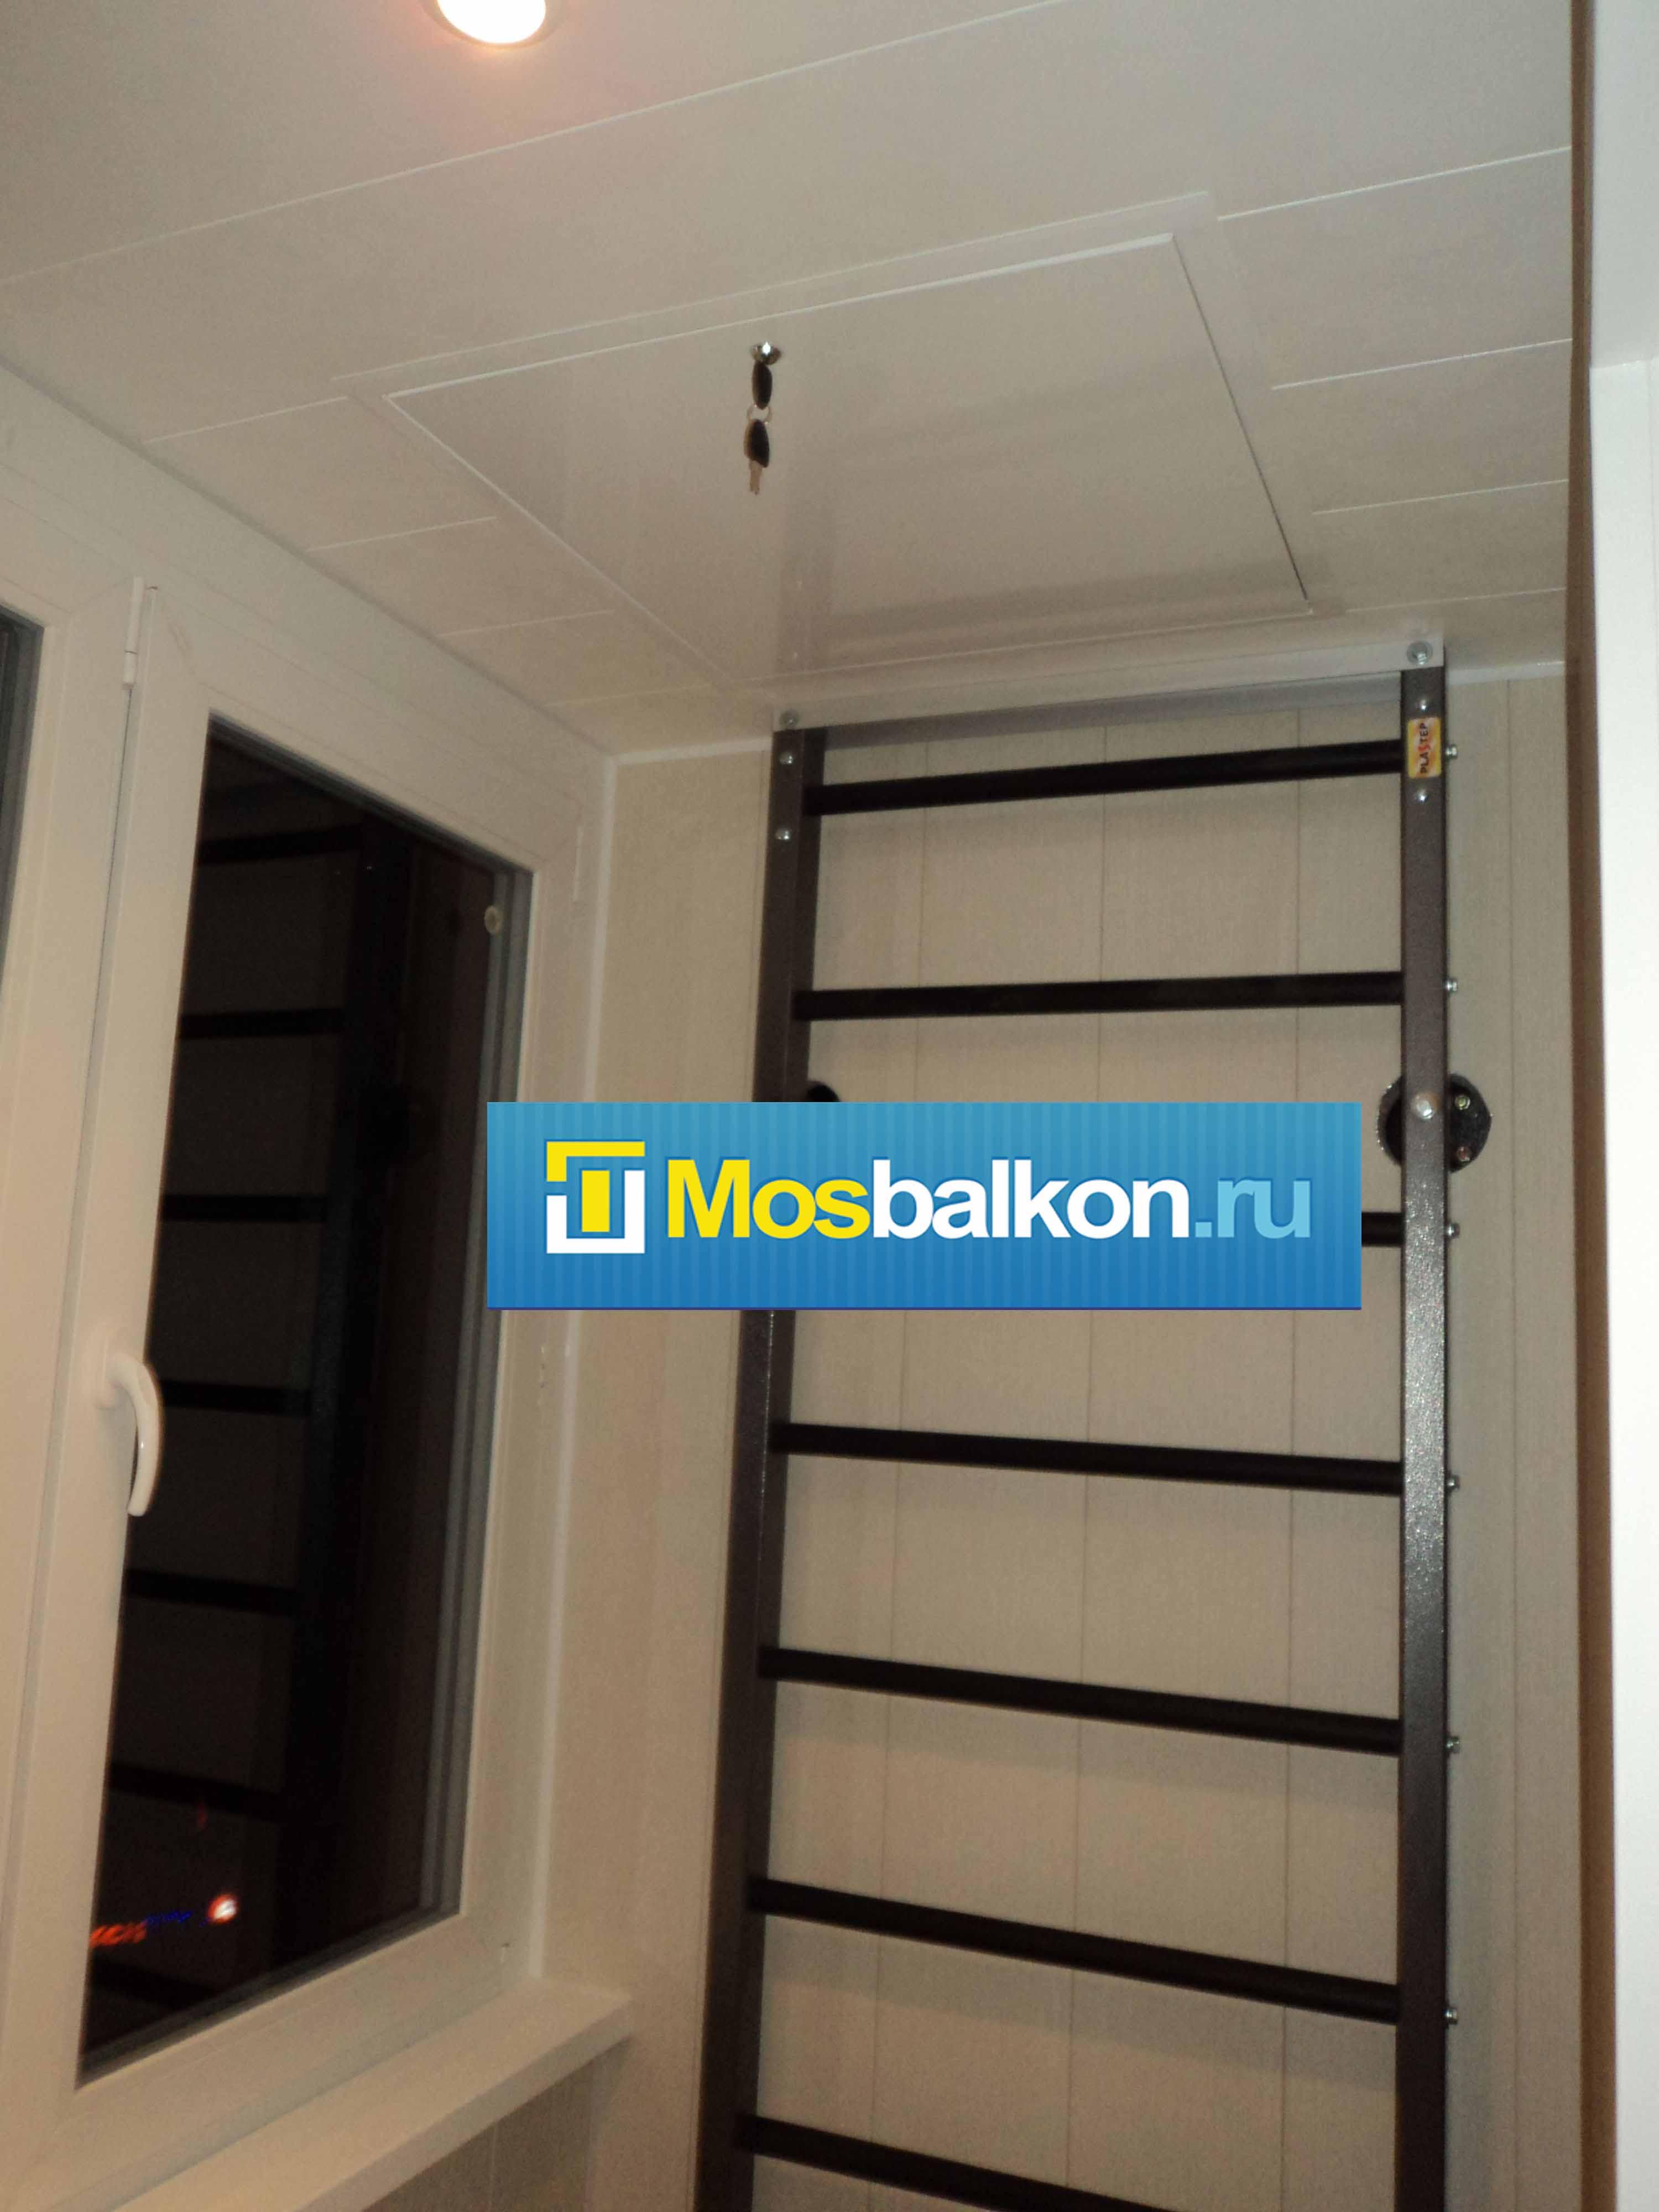 Пожарные люки и перегородки на балконе мосбалкон.ру.